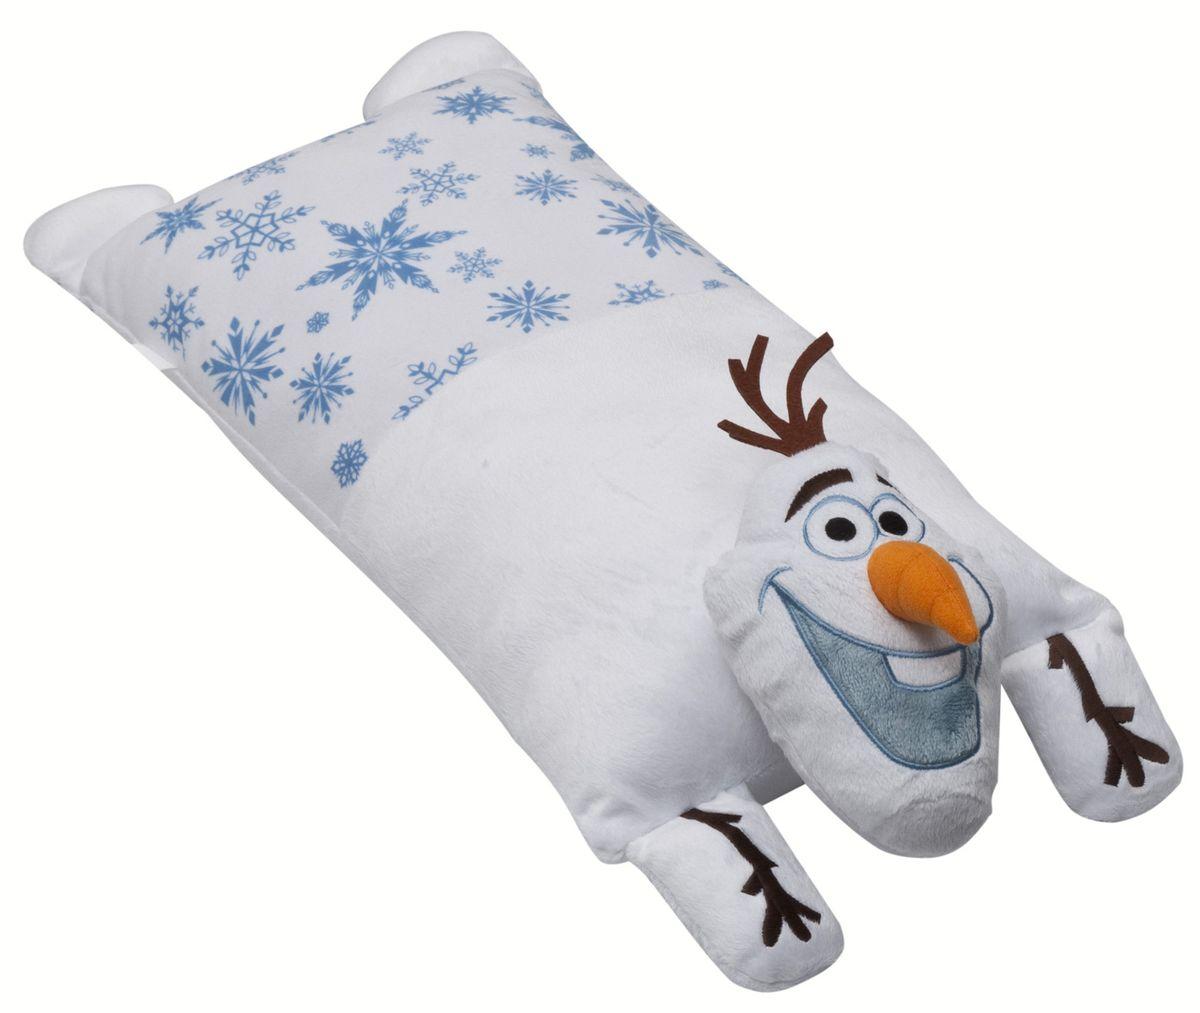 Disney Подушка детская Olaf 15640CLP446Детская декоративная подушка Disney Olaf может использоваться в качестве элемента декора в вашем доме, а также станет настоящей игрушкой для вашего малыша. Данная текстильная продукция занимает высокие позиции на потребительском рынке благодаря своему оригинальному дизайну и безопасным материалам.